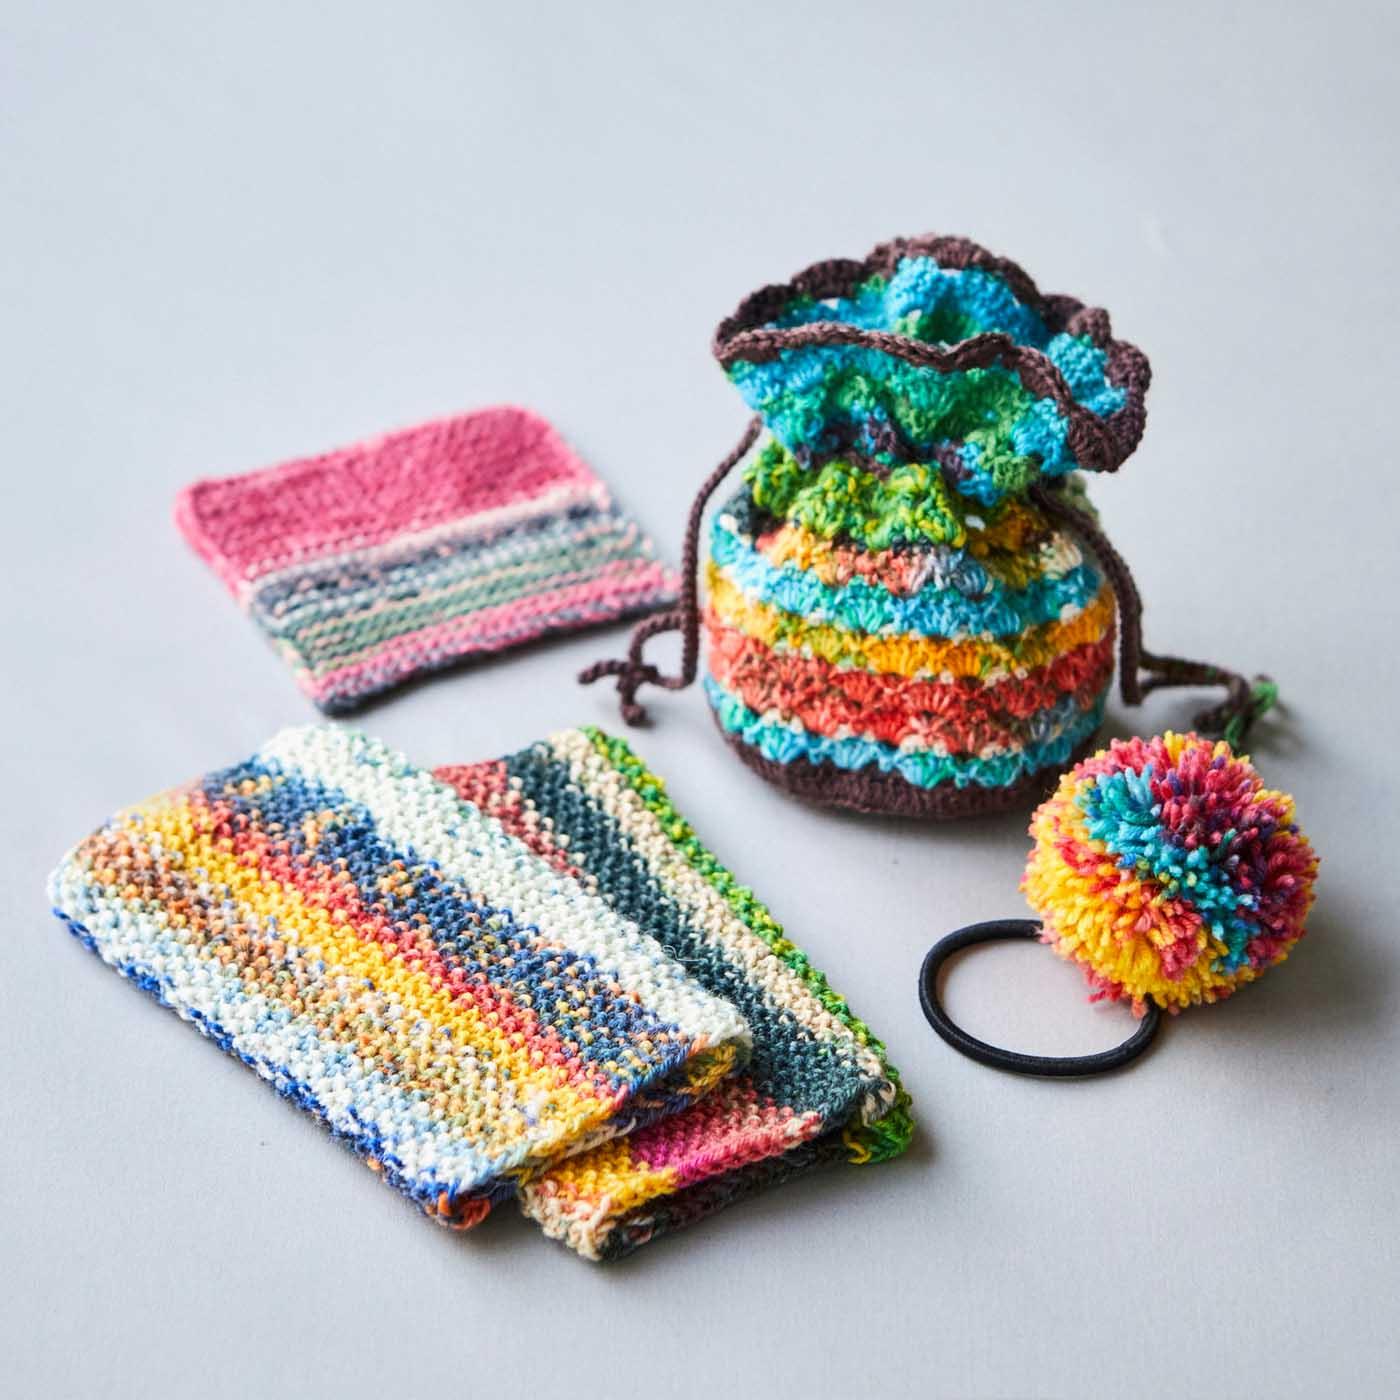 プレゼントの毛糸玉で作った作品例。1玉でボンボンやコースター、2玉でリストウォーマー、3玉できんちゃくに。